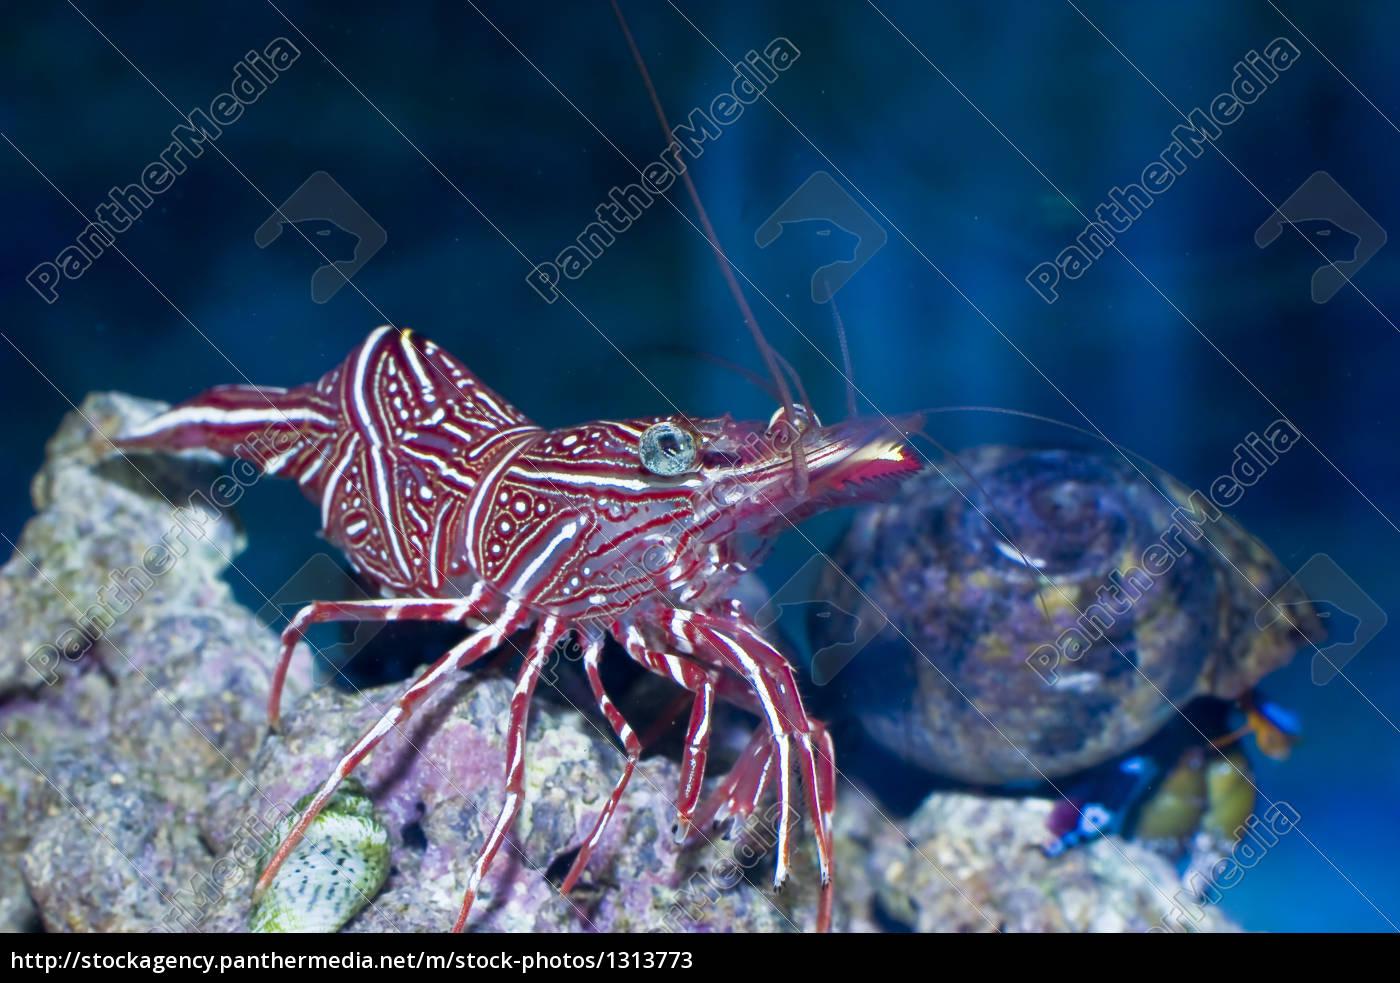 durban, rhynchocinetidae - 1313773